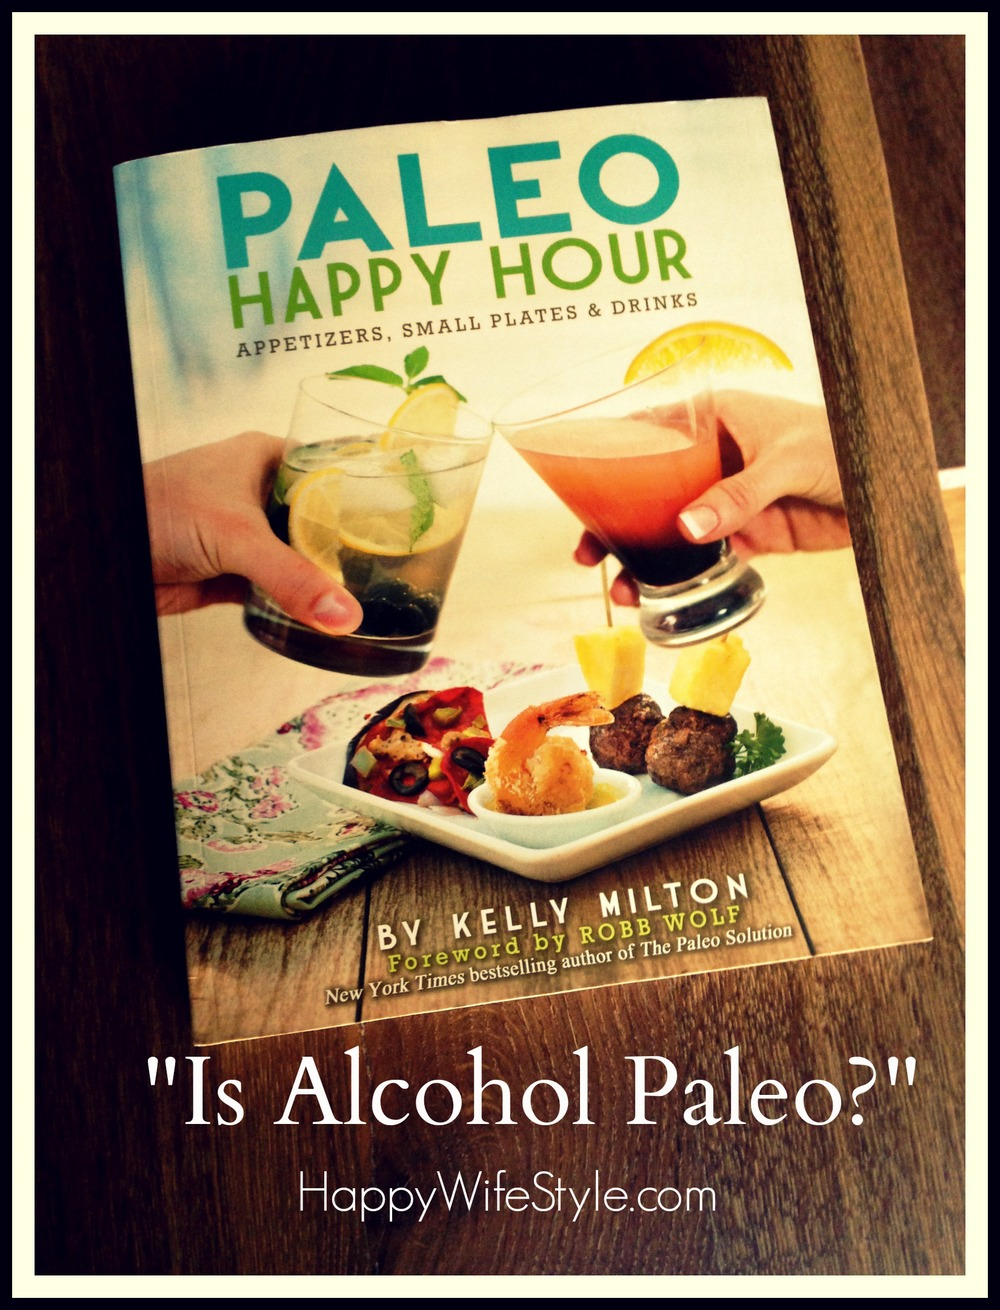 PaleoHappyHourBook